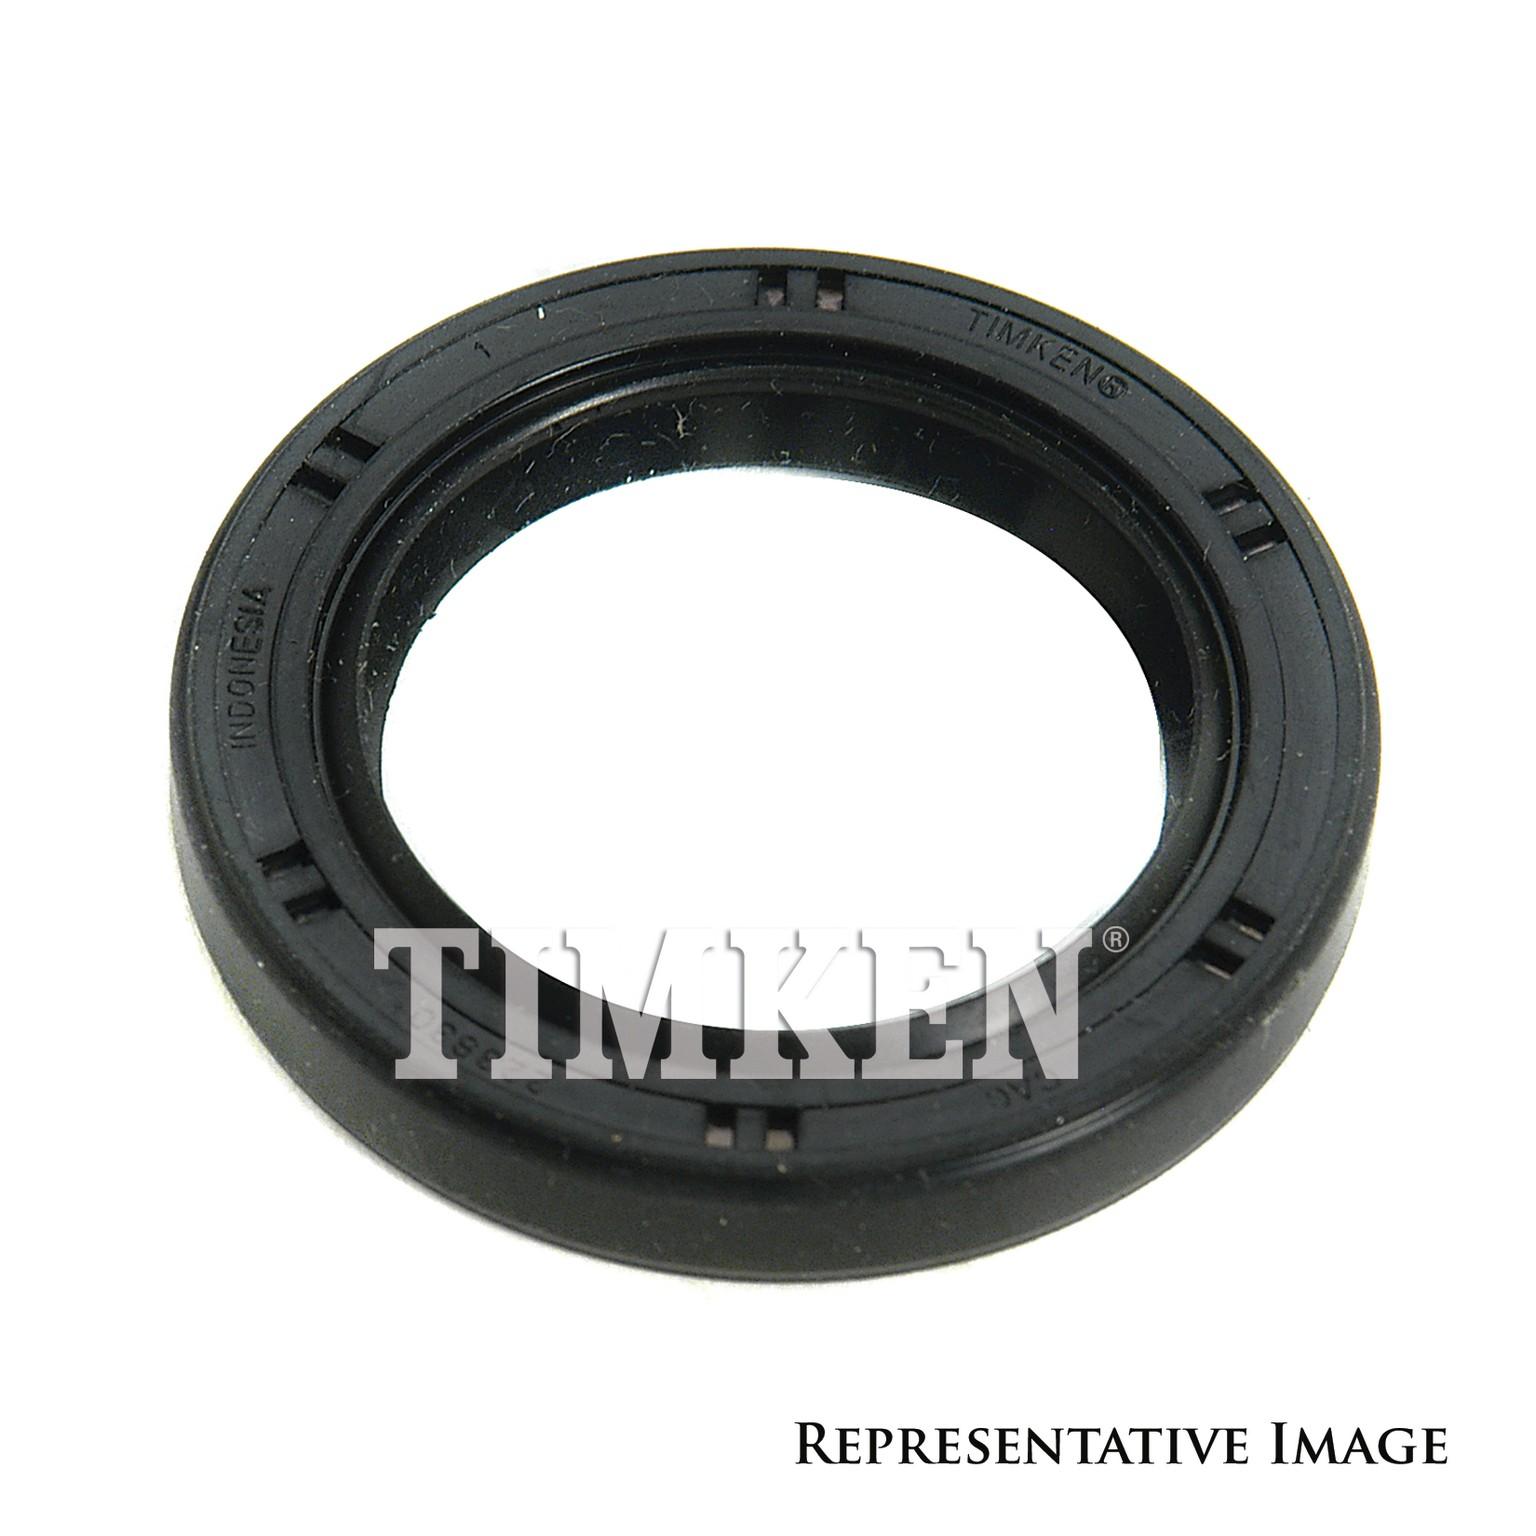 1999 Nissan Sentra Manual Transmission Output Shaft Seal 1997 Gxe Tm 225210